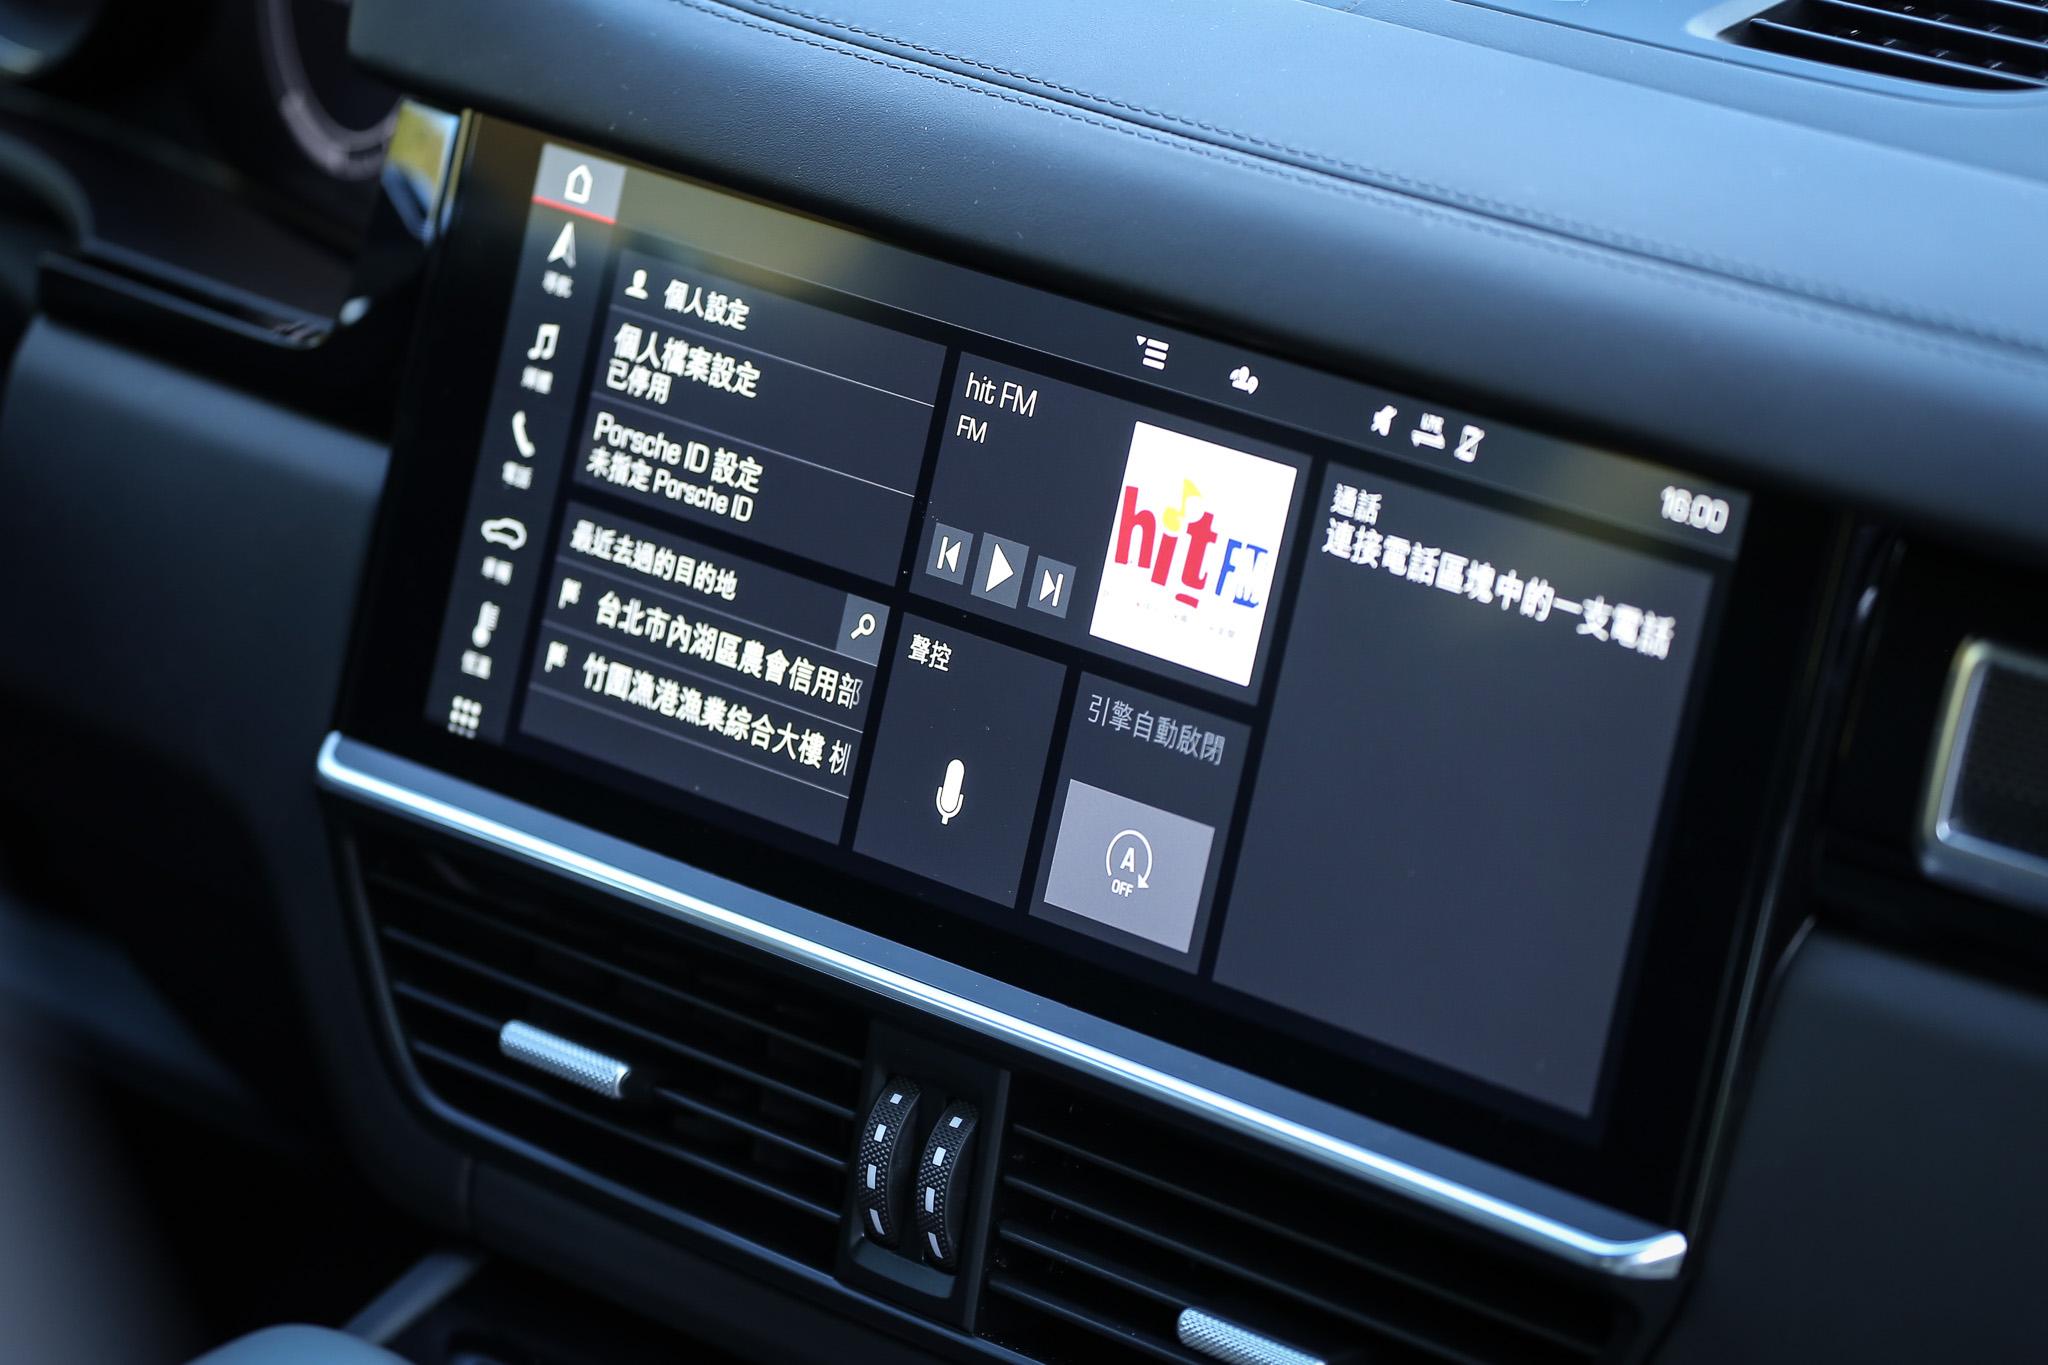 搭配 12.3 高解析度觸控螢幕的保時捷通訊管理系統。